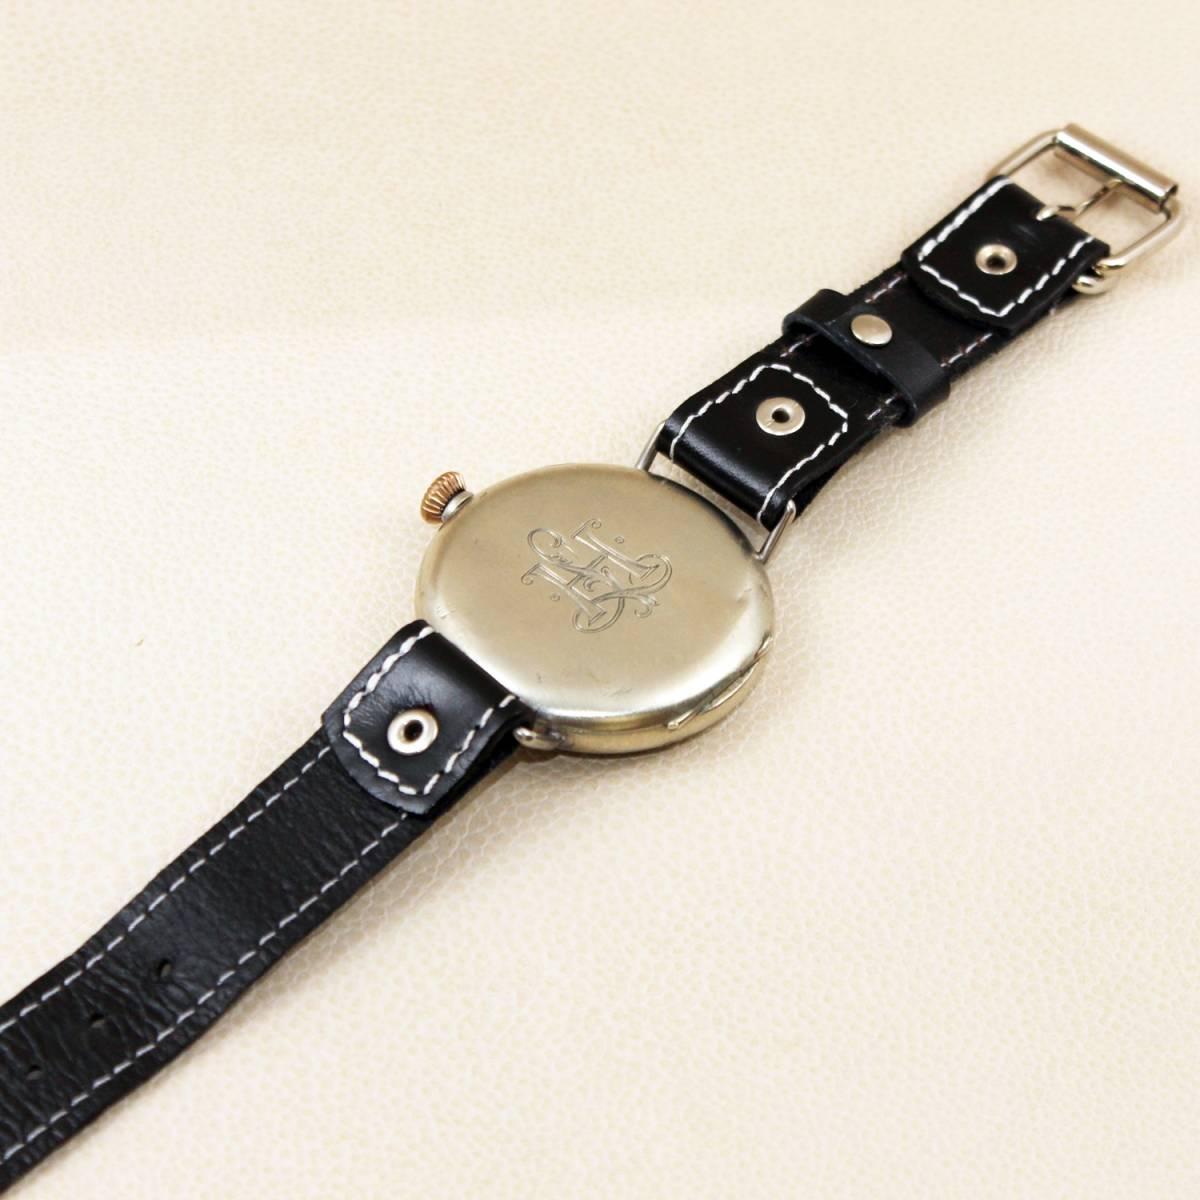 1円スタート【オメガ】OMEGAミリタリー WAFFEN ELITE M-B アンティーク手巻きメンズ腕時計 1930年代ヴィンテージ 懐中時計コンバート_画像6